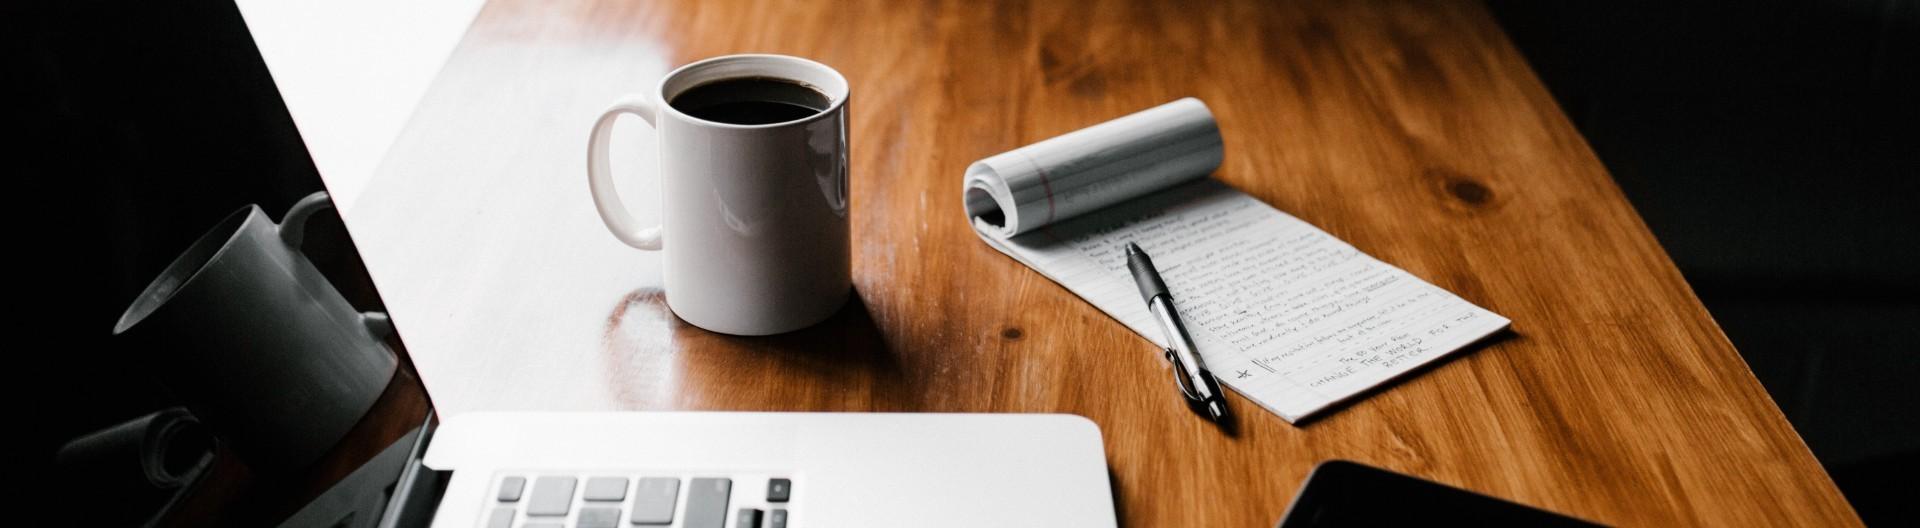 Laptop und Notizblock auf Schreibtisch